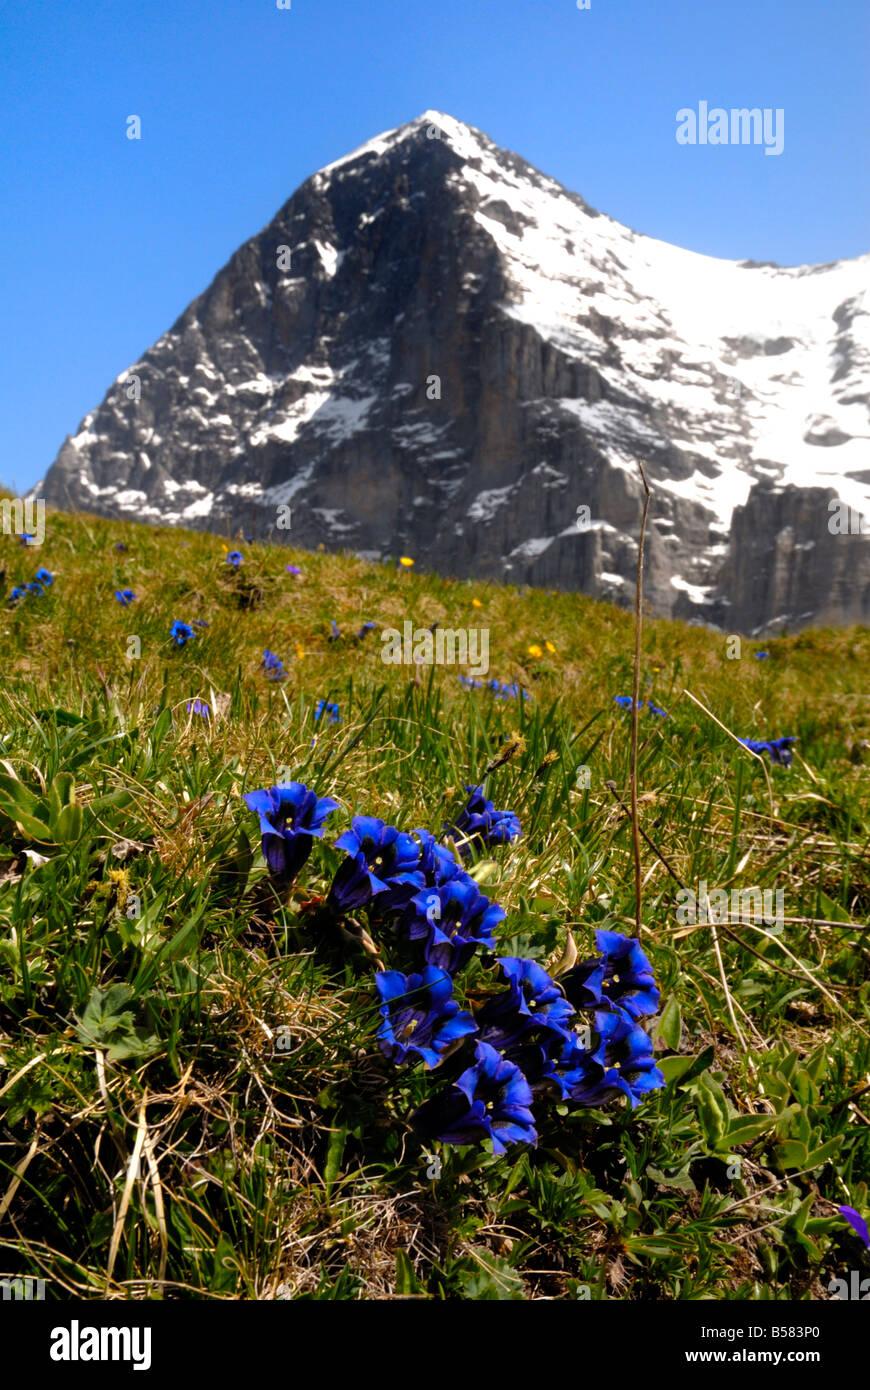 Gentians, Alpine flowers in front of the Eiger, Kleine Scheidegg, Bernese Oberland, Swiss Alps, Switzerland, Europe - Stock Image